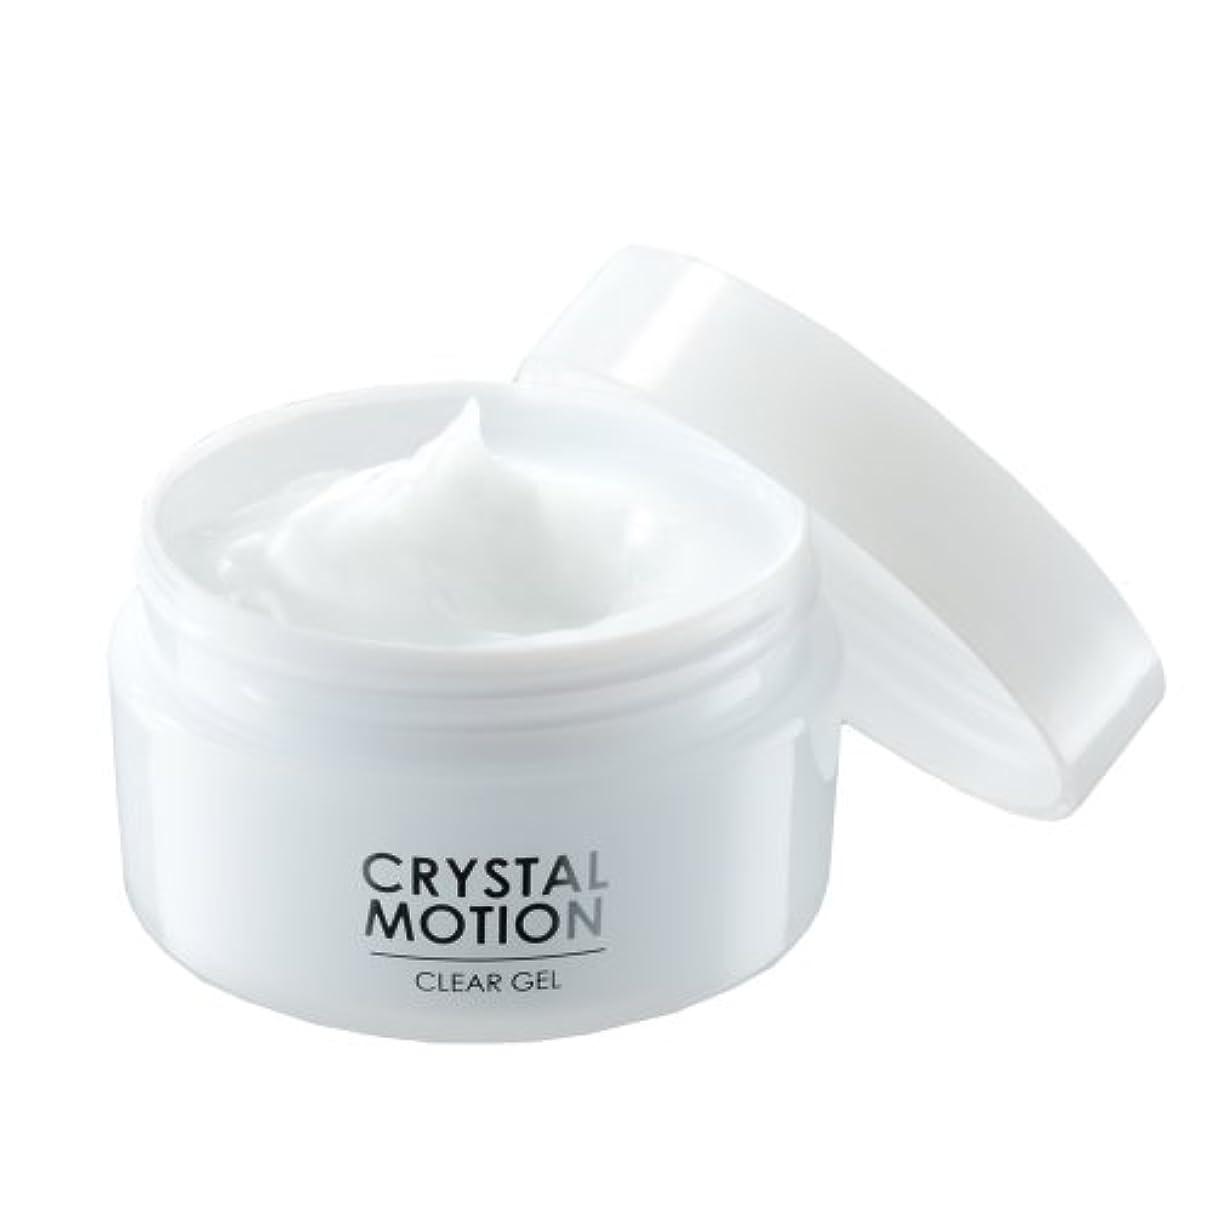 活気づくする移民クリスタルモーション CRYSTAL MOTION 薬用ニキビケアジェル 保湿 乾燥 美白 美肌 ニキビ 予防 1ヶ月分 60g